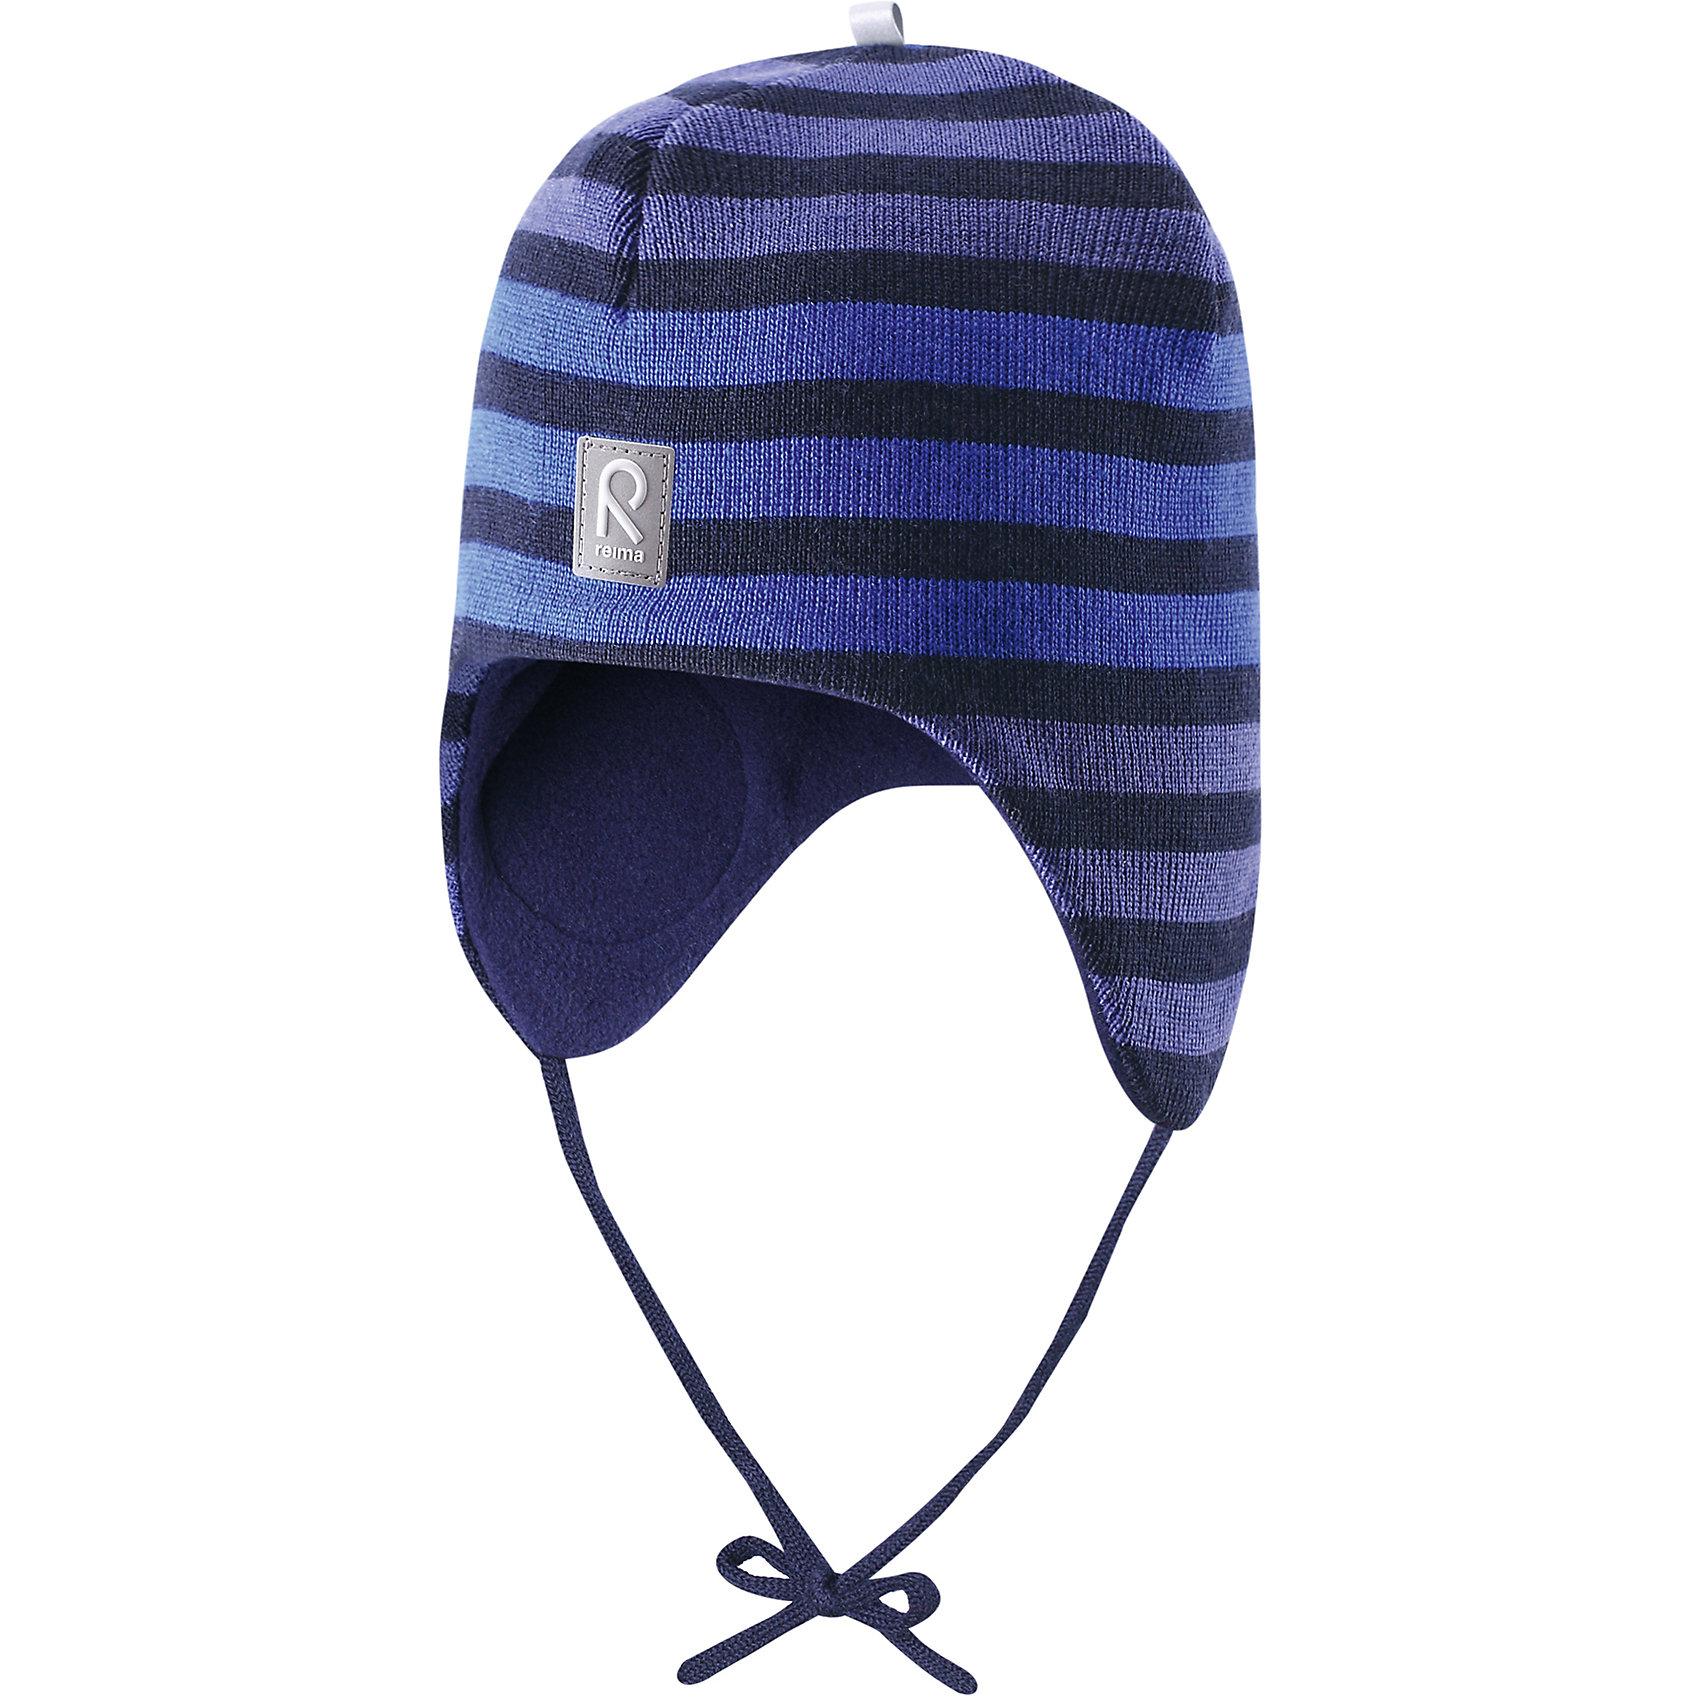 Шапка для мальчика ReimaШапочки<br>Любимая шапка малышей в модных цветах сезона надёжно согреет в холодные зимние дни! Шерстяная шапка для малышей согреет в морозную погоду: мягкая подкладка из флиса для тепла и комфорта. Шерстяная шапка с подкладкой из флиса особенно подходит для маленьких приключений на свежем воздухе, потому что флис быстро высыхает и хорошо выводит влагу. Благодаря эластичной вязке шапка плотно прилегает, а ветронепроницаемые вставки в области ушей защищают маленькие ушки от холодного ветра. Завязки надёжно фиксируют шапку на голове и не натирают. Для завершения стильного образа носите с тёплой горловиной Star!<br><br>Шерстяная шапка для малышей <br>Полностью на подкладке: Мягкий тёплый флис<br>Ветронепроницаемые вставки в области ушей <br>Доступна в однотонном и полосатом вариантах<br>Состав:<br>100% Шерсть<br><br><br>Шапку Reima (Рейма) можно купить в нашем магазине.<br><br>Ширина мм: 89<br>Глубина мм: 117<br>Высота мм: 44<br>Вес г: 155<br>Цвет: синий<br>Возраст от месяцев: 6<br>Возраст до месяцев: 9<br>Пол: Мужской<br>Возраст: Детский<br>Размер: 46,50,52,48<br>SKU: 4208675